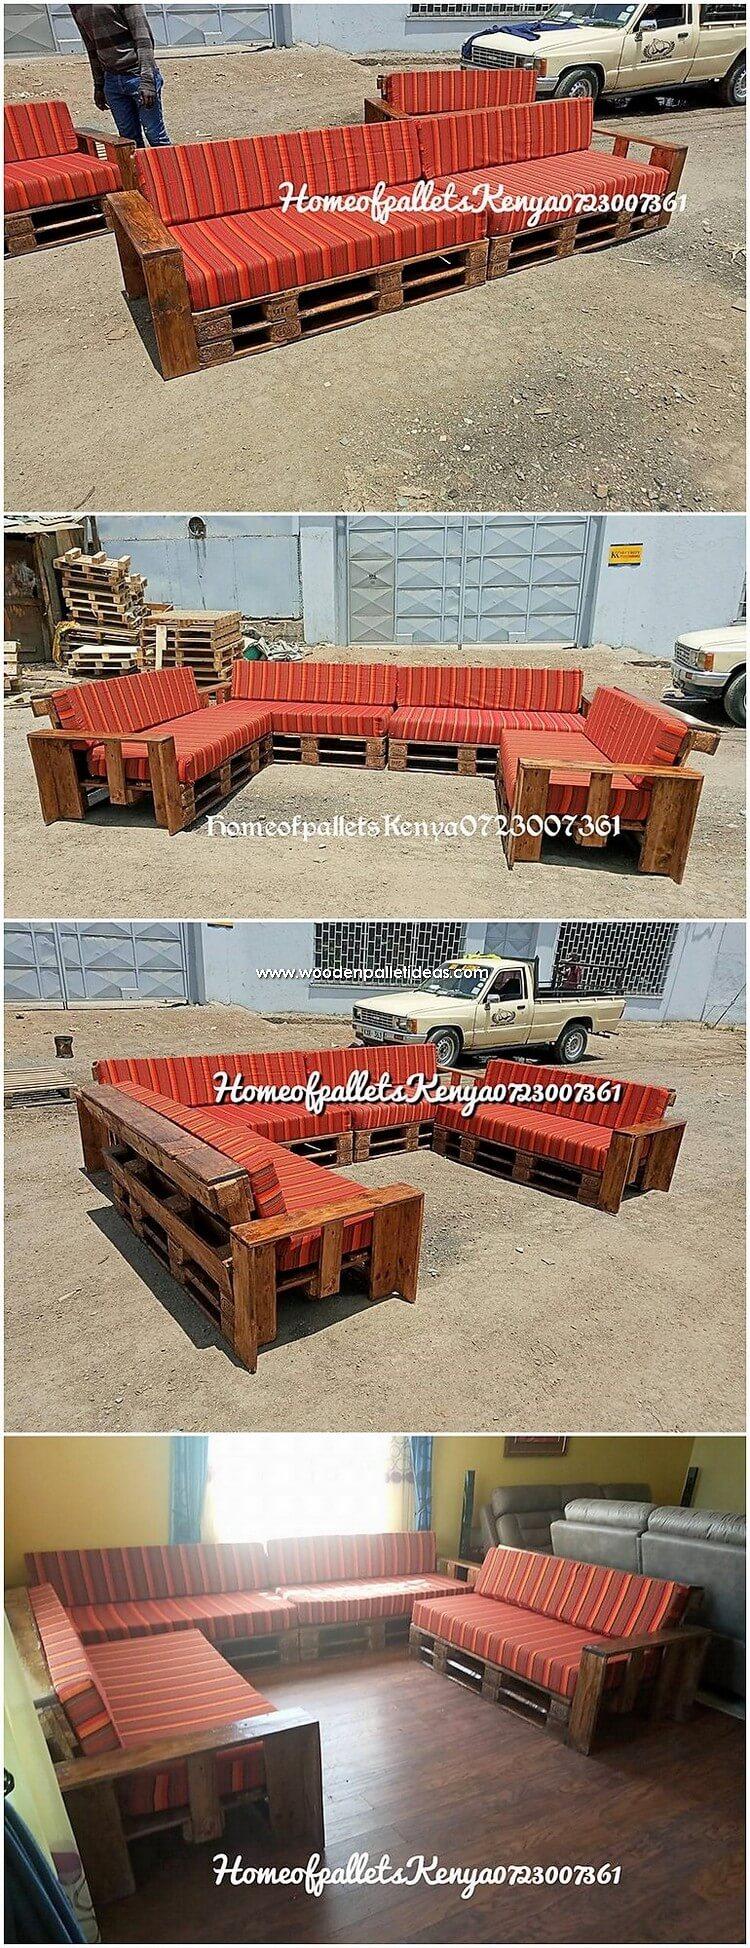 Motivational Wooden Pallets Repurposing Ideas | Wooden ...